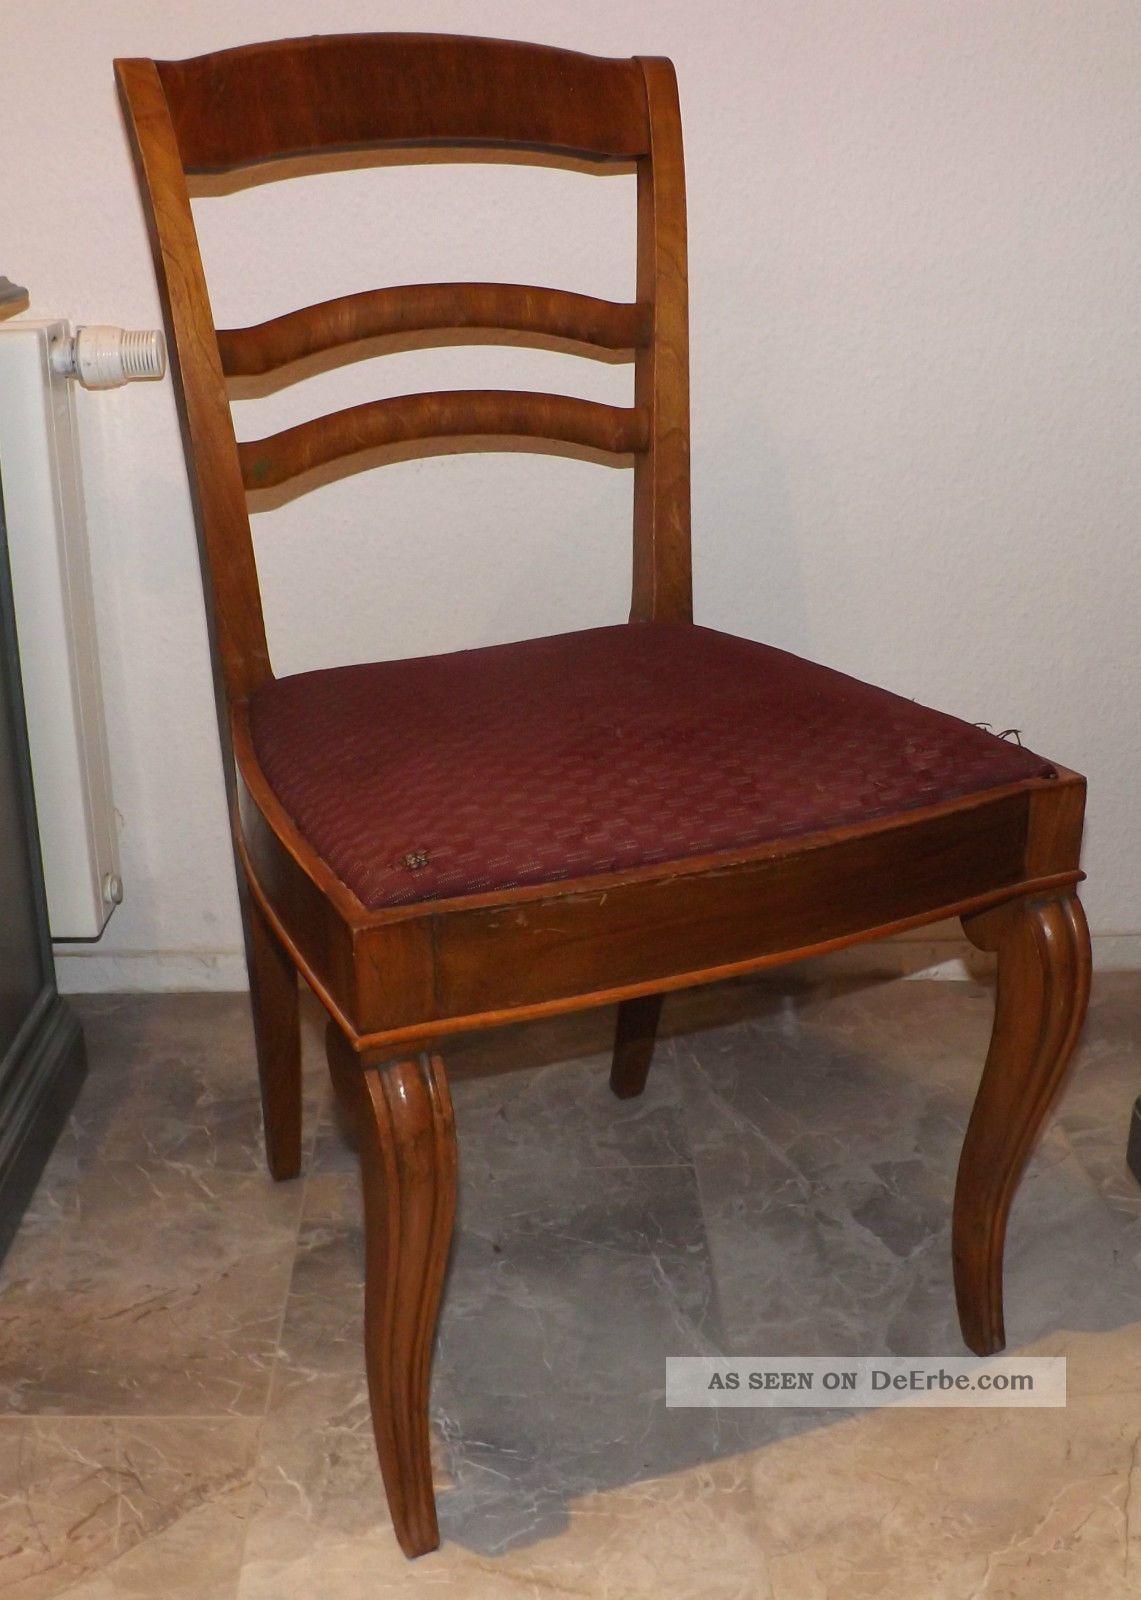 Stuhl lehnstuhl gepolstert england englisch empire sehr sch n for Stuhl gepolstert